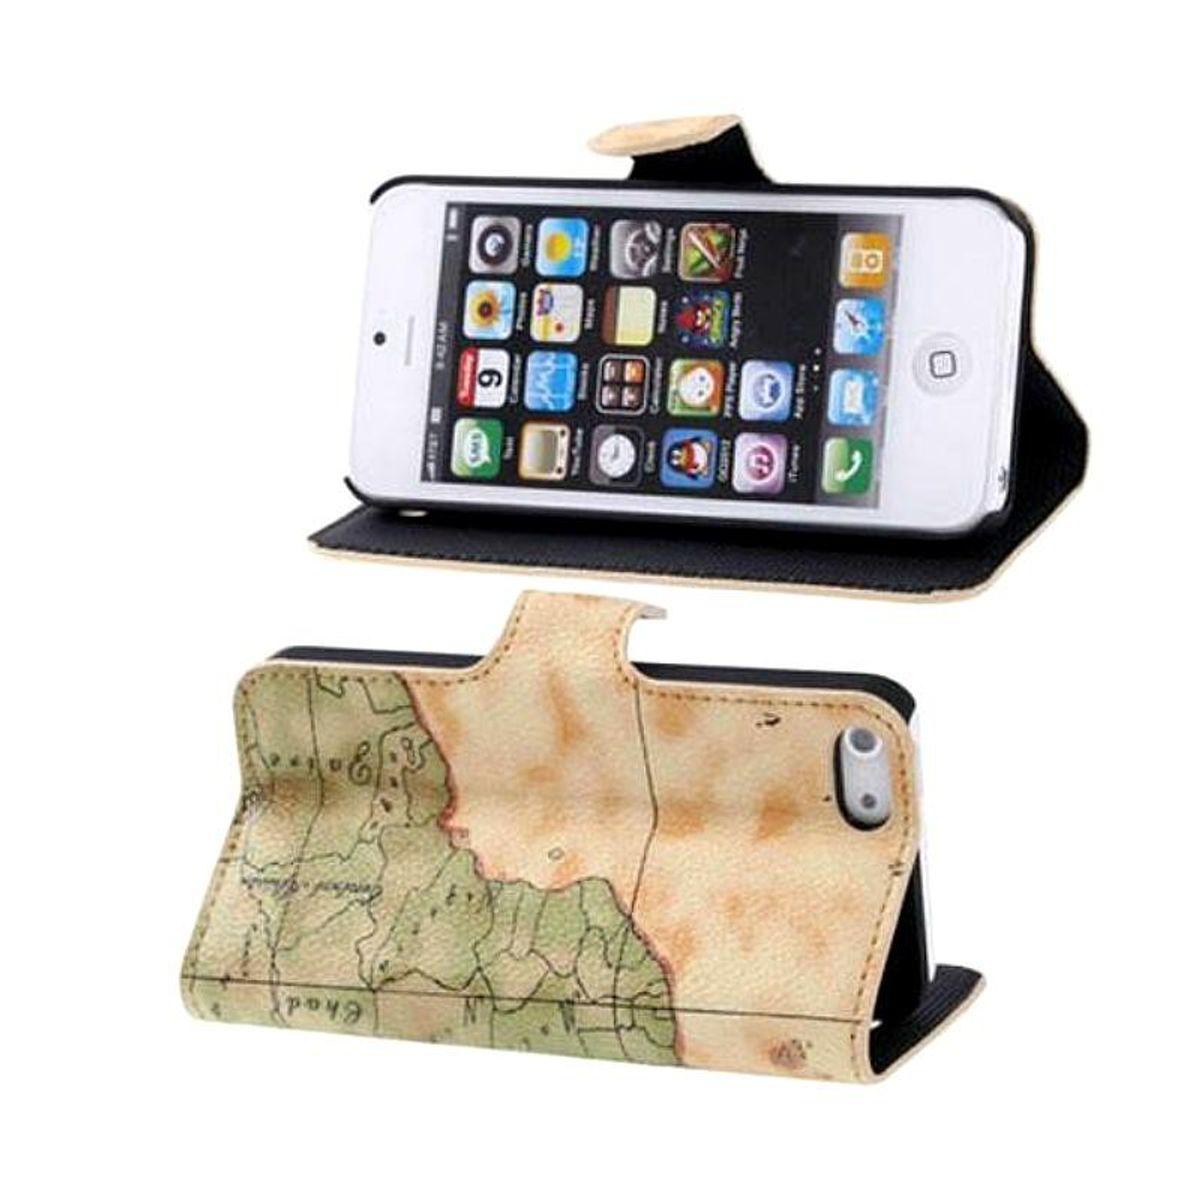 Schutzhülle Handytasche (Flip Quer) für Handy iPhone 5 / 5s Karte